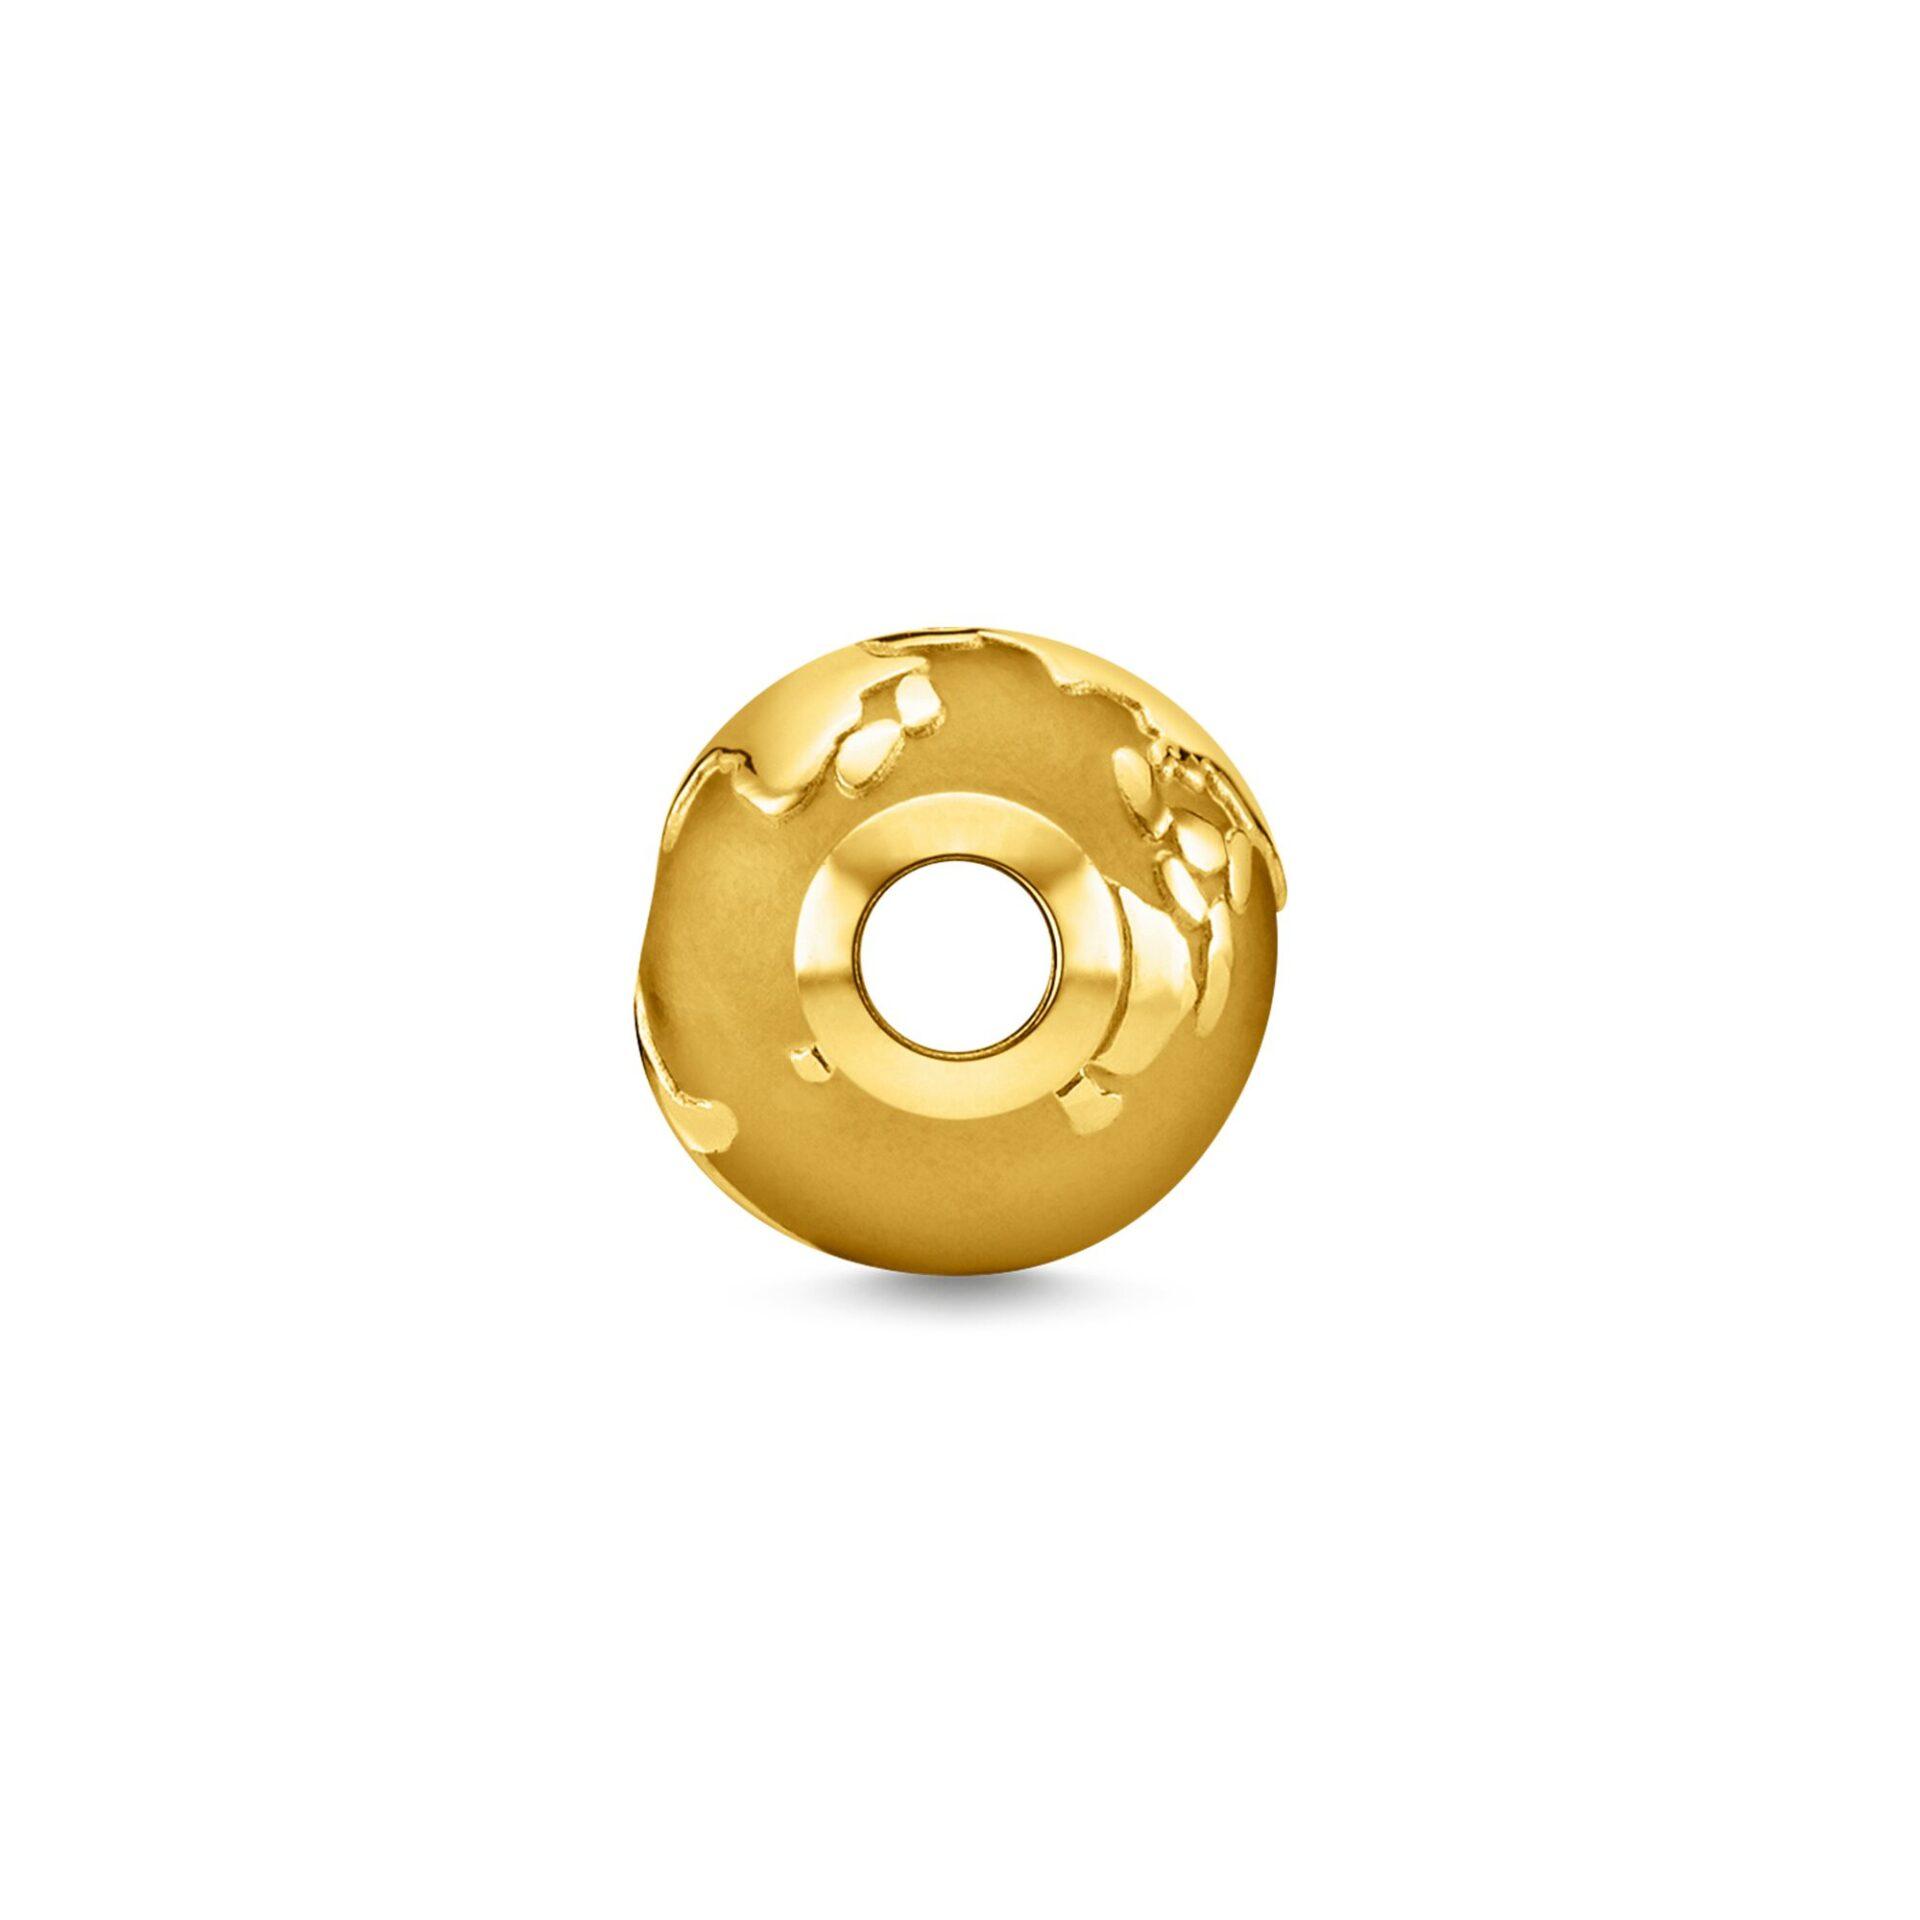 Bead globe terrestre or, Thomas Sabo